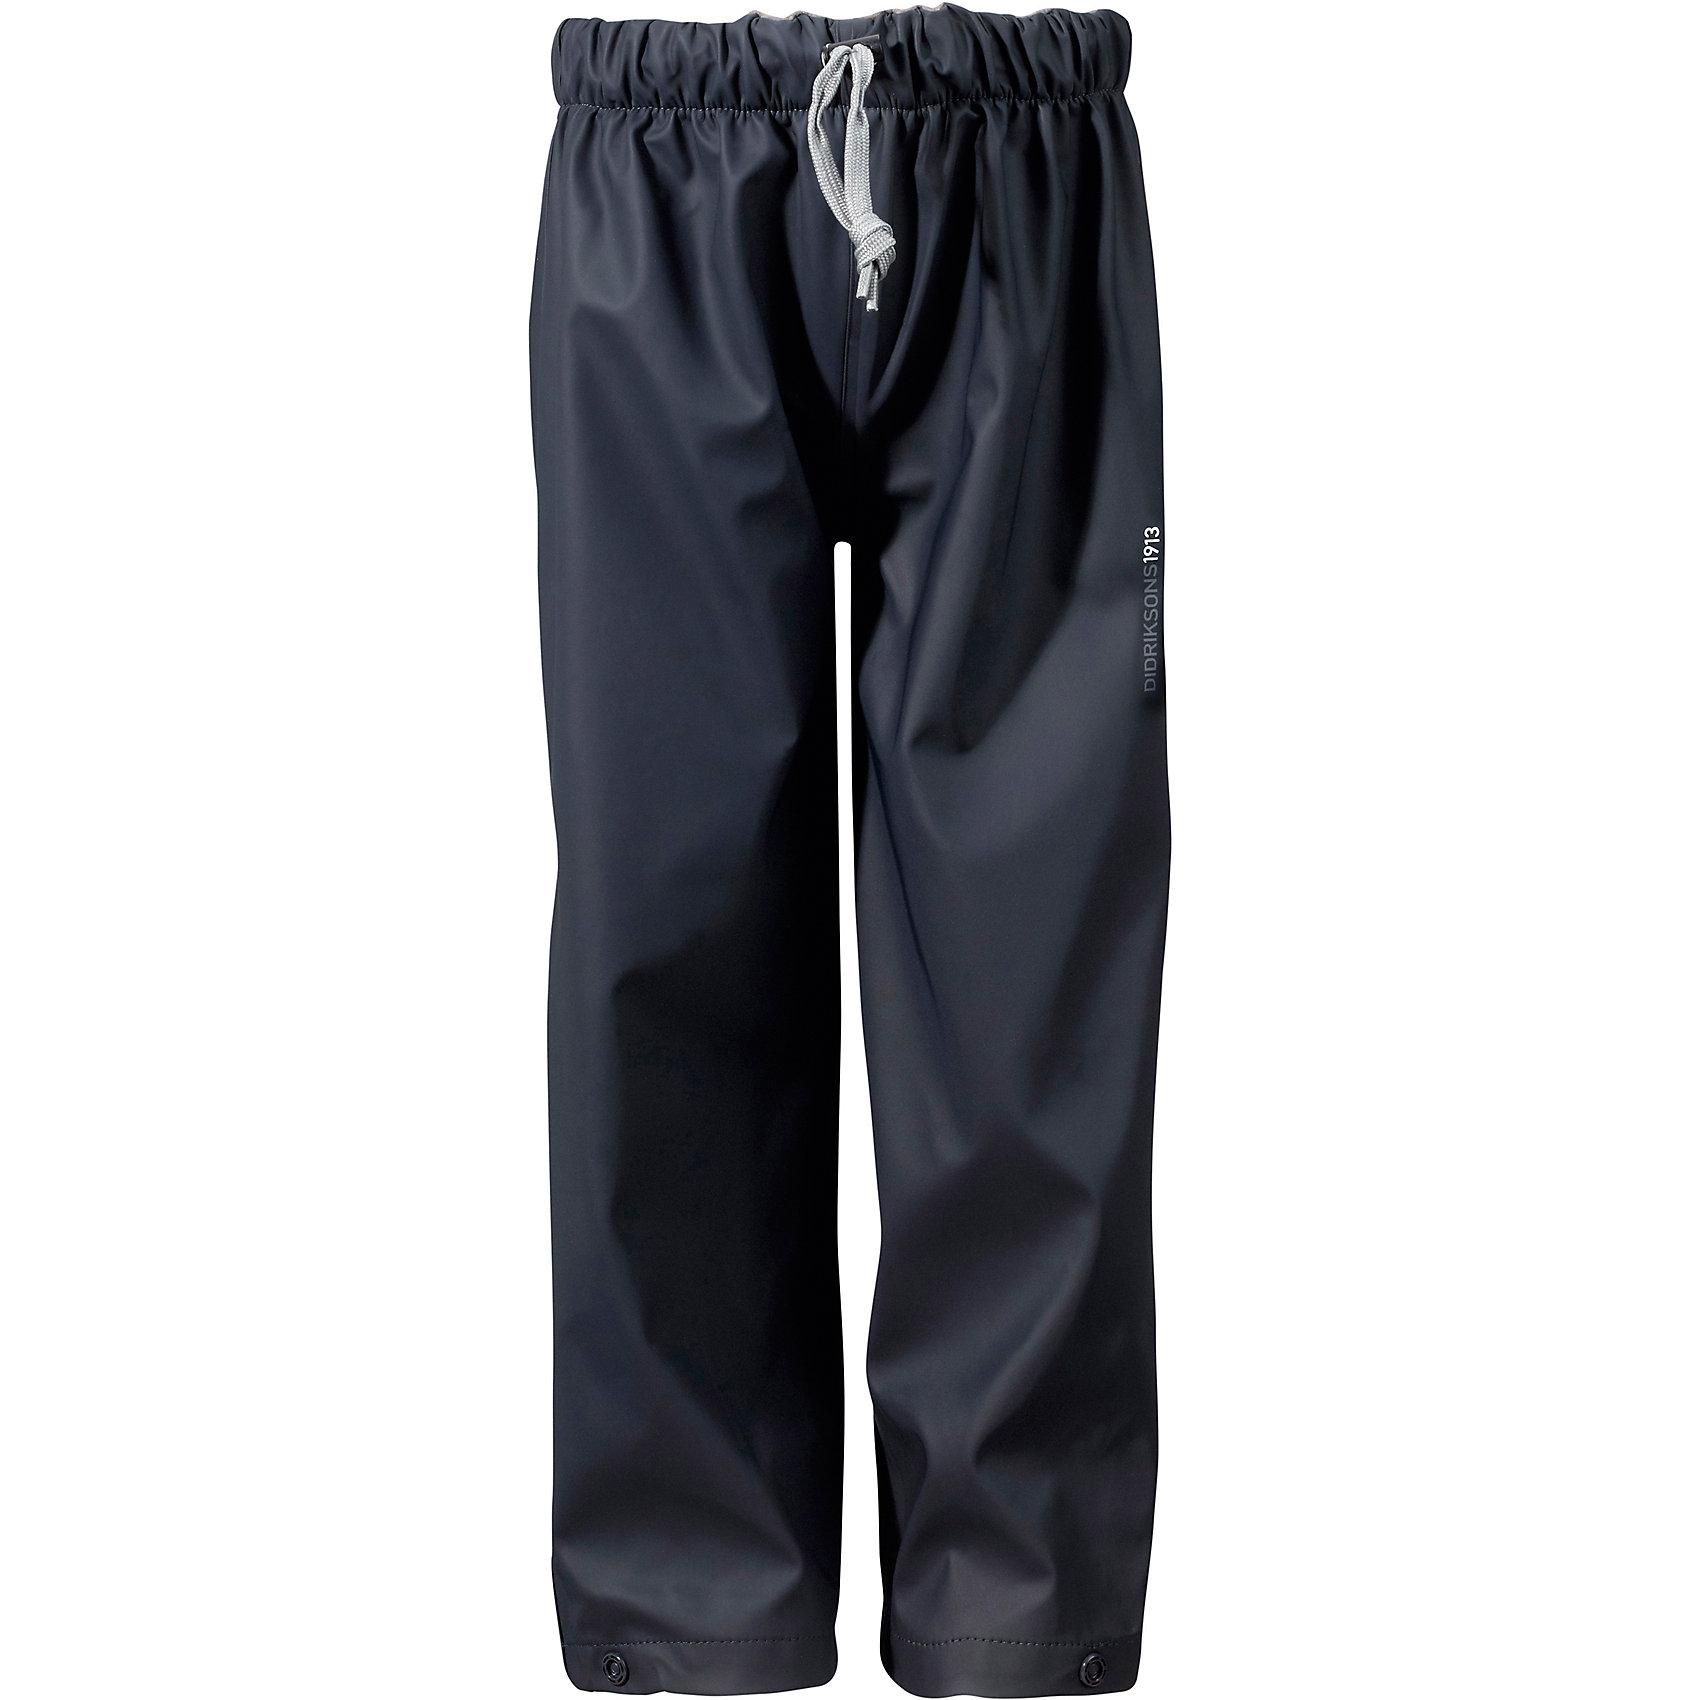 Непромокаемые брюки MIDJEMAN  DIDRIKSONSВерхняя одежда<br>Характеристики товара:<br><br>• цвет: морской бриз<br>• материал: 100% полиэстер, покрытие 100% полиуретан<br>• подкладка: 100% полиэстер, трикотаж<br>• утеплитель: нет<br>• сезон: демисезон<br>• температурный режим: от +10°С до +20°С<br>• прорезиненные<br>• уровень влагонепроницаемости: 8000 мм (DRY-8)<br>• мягкая резинка в талии<br>• ветронепродуваемые<br>• шнурок со стоппером<br>• все швы пропаяны<br>• наличие светоотражающих деталей<br>• страна бренда: Швеция<br>• страна производства: Китай<br><br>Брюки из водонепроницаемого полиуретана Galon с бондированным трикотажем внутри без утеплителя. Все швы пропаяны, что обеспечивает максимальную защиту от внешней влаги. Светоотражатели. Брюки можно использовать в качестве самостоятельного предмета одежды, а также в качестве защитной одежды.<br><br>Брюки MIDJEMAN от бренда DIDRIKSONS (Дидриксонс) можно купить в нашем интернет-магазине.<br><br>Ширина мм: 215<br>Глубина мм: 88<br>Высота мм: 191<br>Вес г: 336<br>Цвет: синий<br>Возраст от месяцев: 18<br>Возраст до месяцев: 24<br>Пол: Унисекс<br>Возраст: Детский<br>Размер: 90,80,100<br>SKU: 5527320